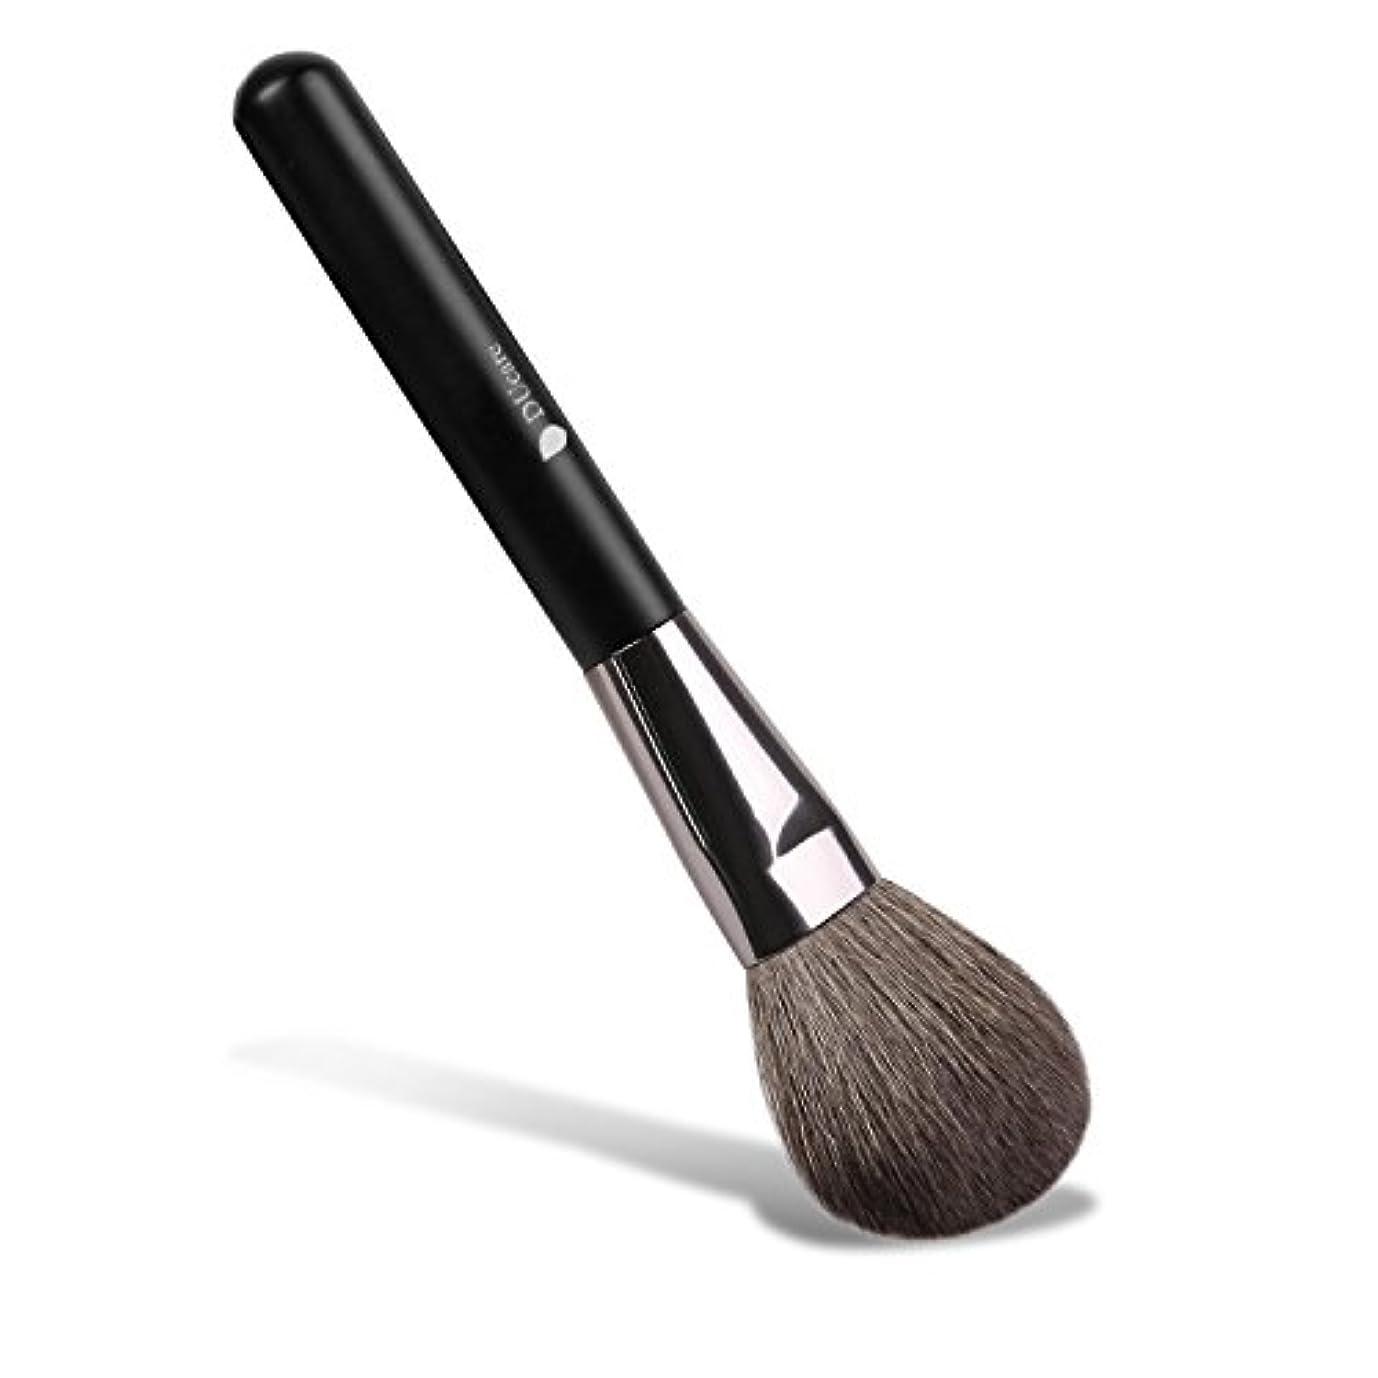 おなじみの牛請求DUcare ドゥケア 化粧筆 山羊毛 フェイスブラシ パウダー&チークブラシ 天然毛をたっぷり使用